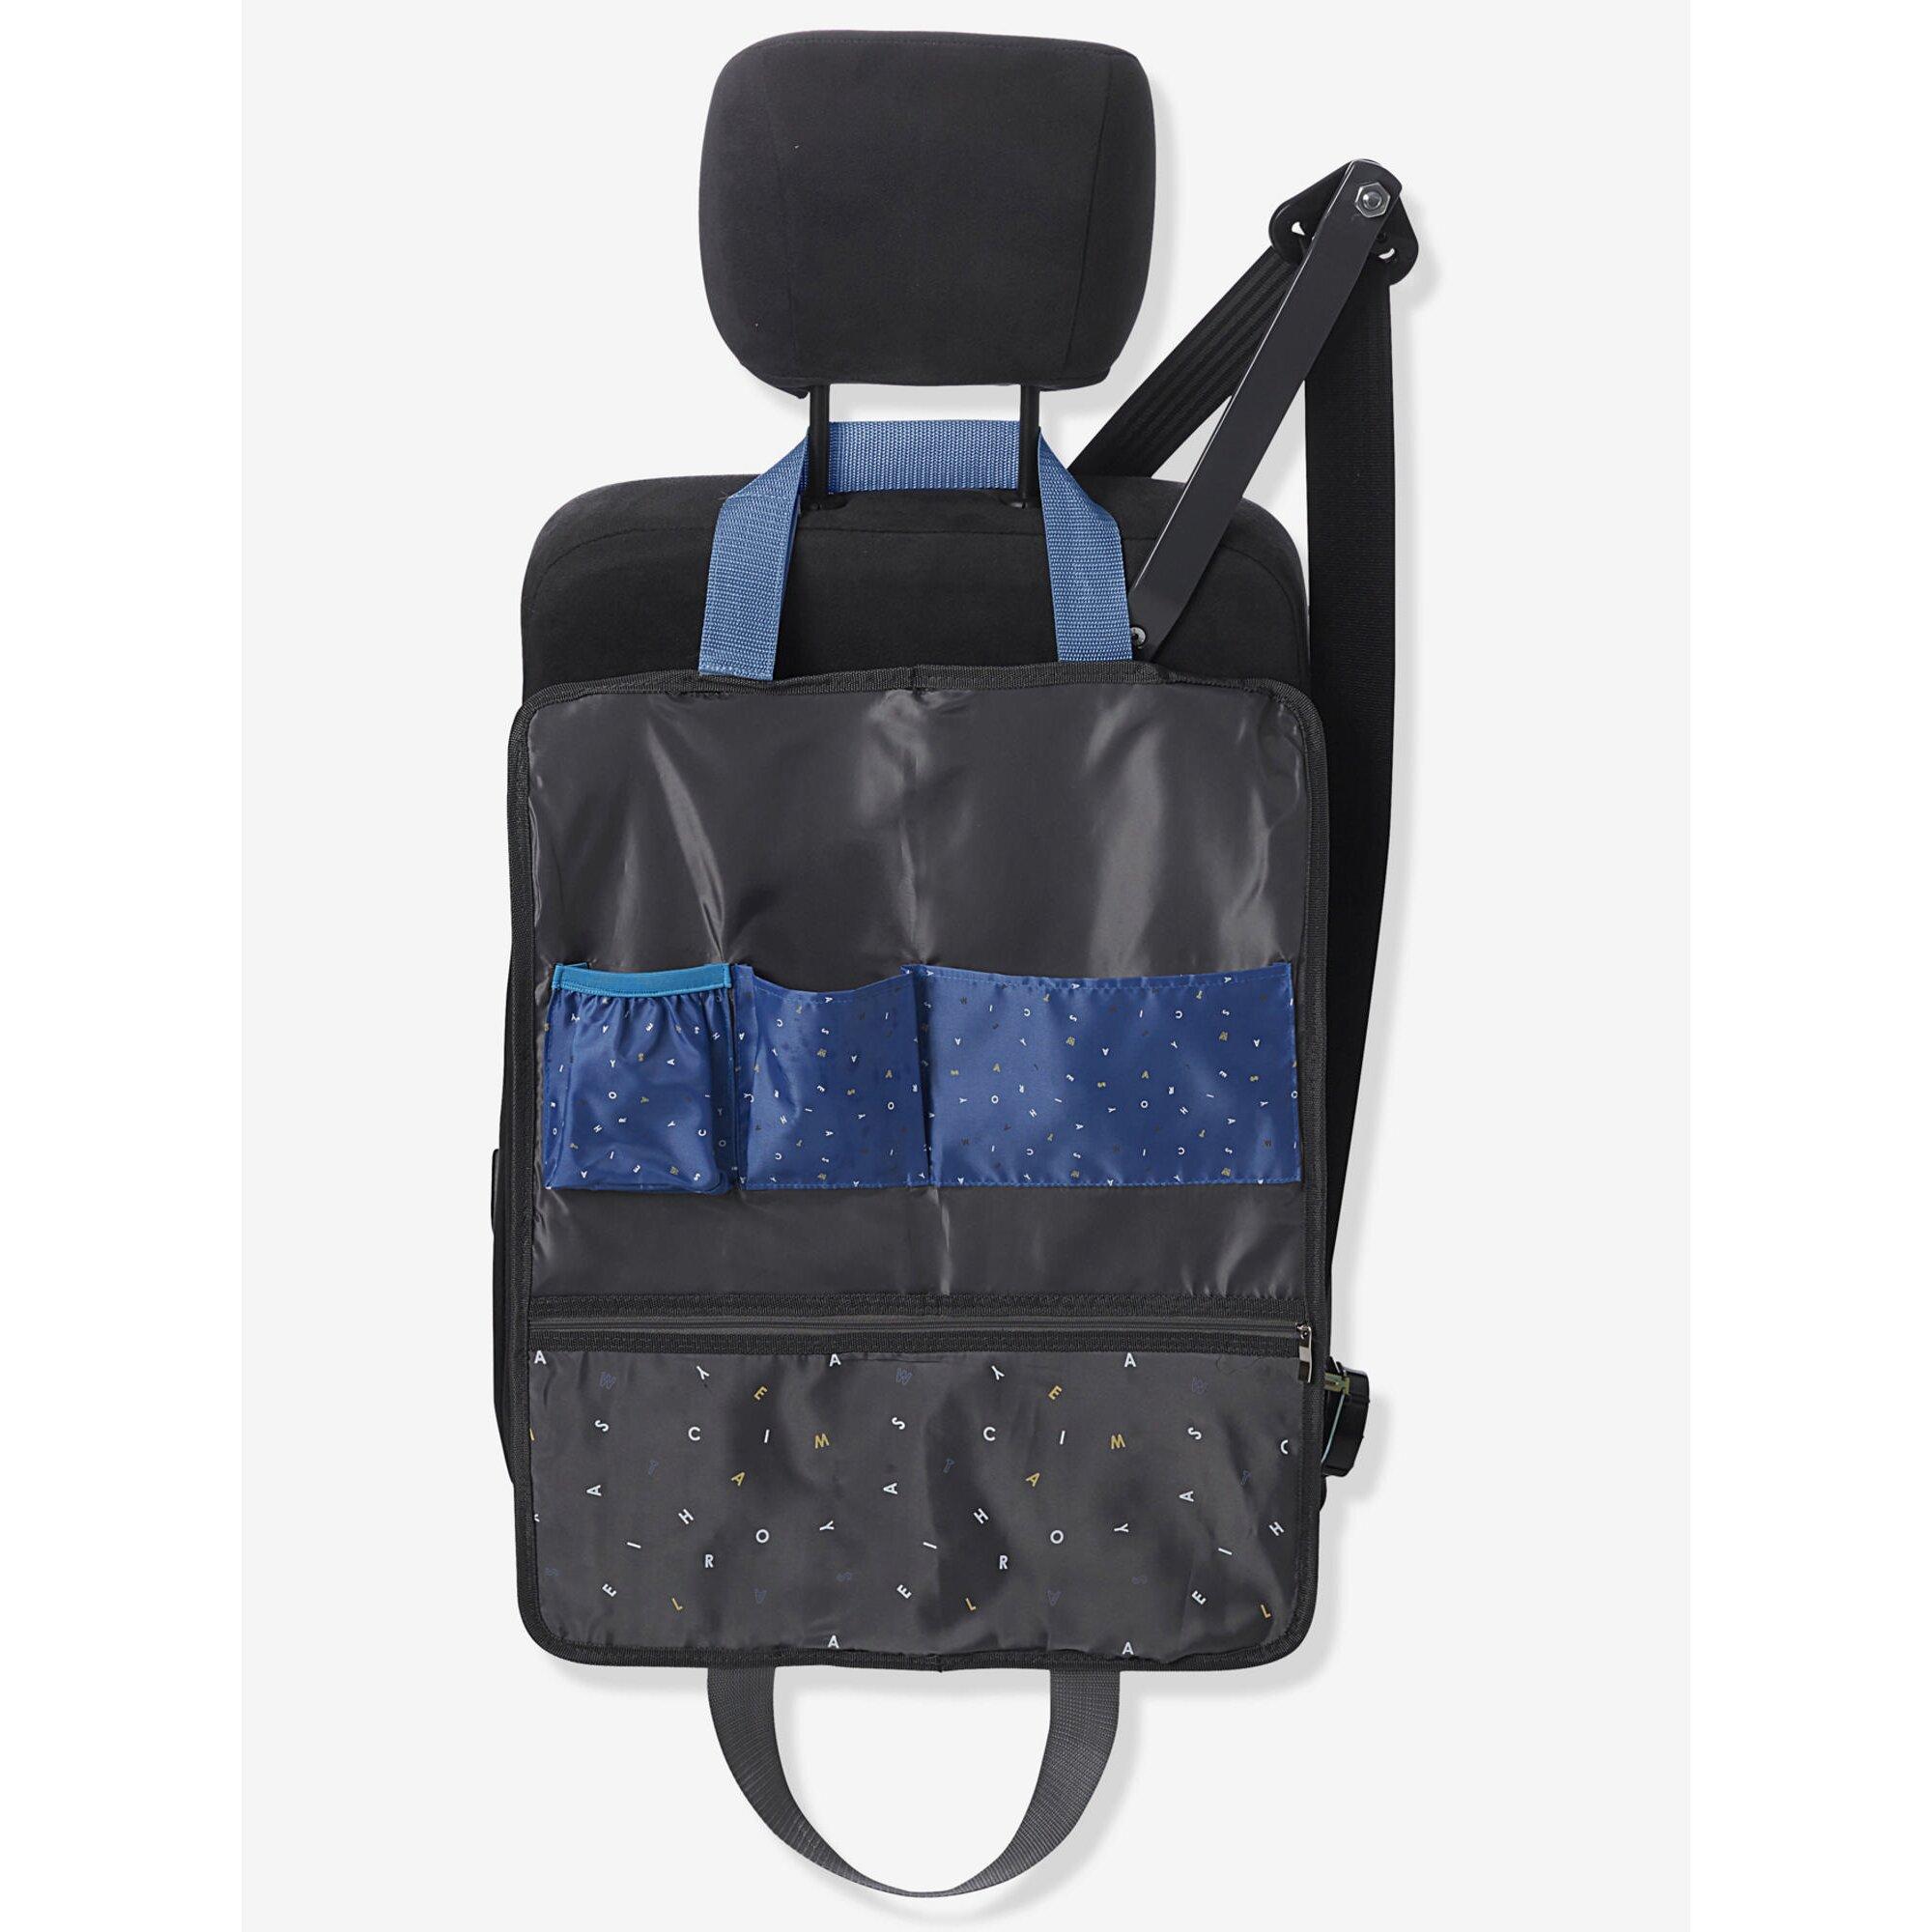 vertbaudet-auto-rucksitztasche-fur-kinder-blau